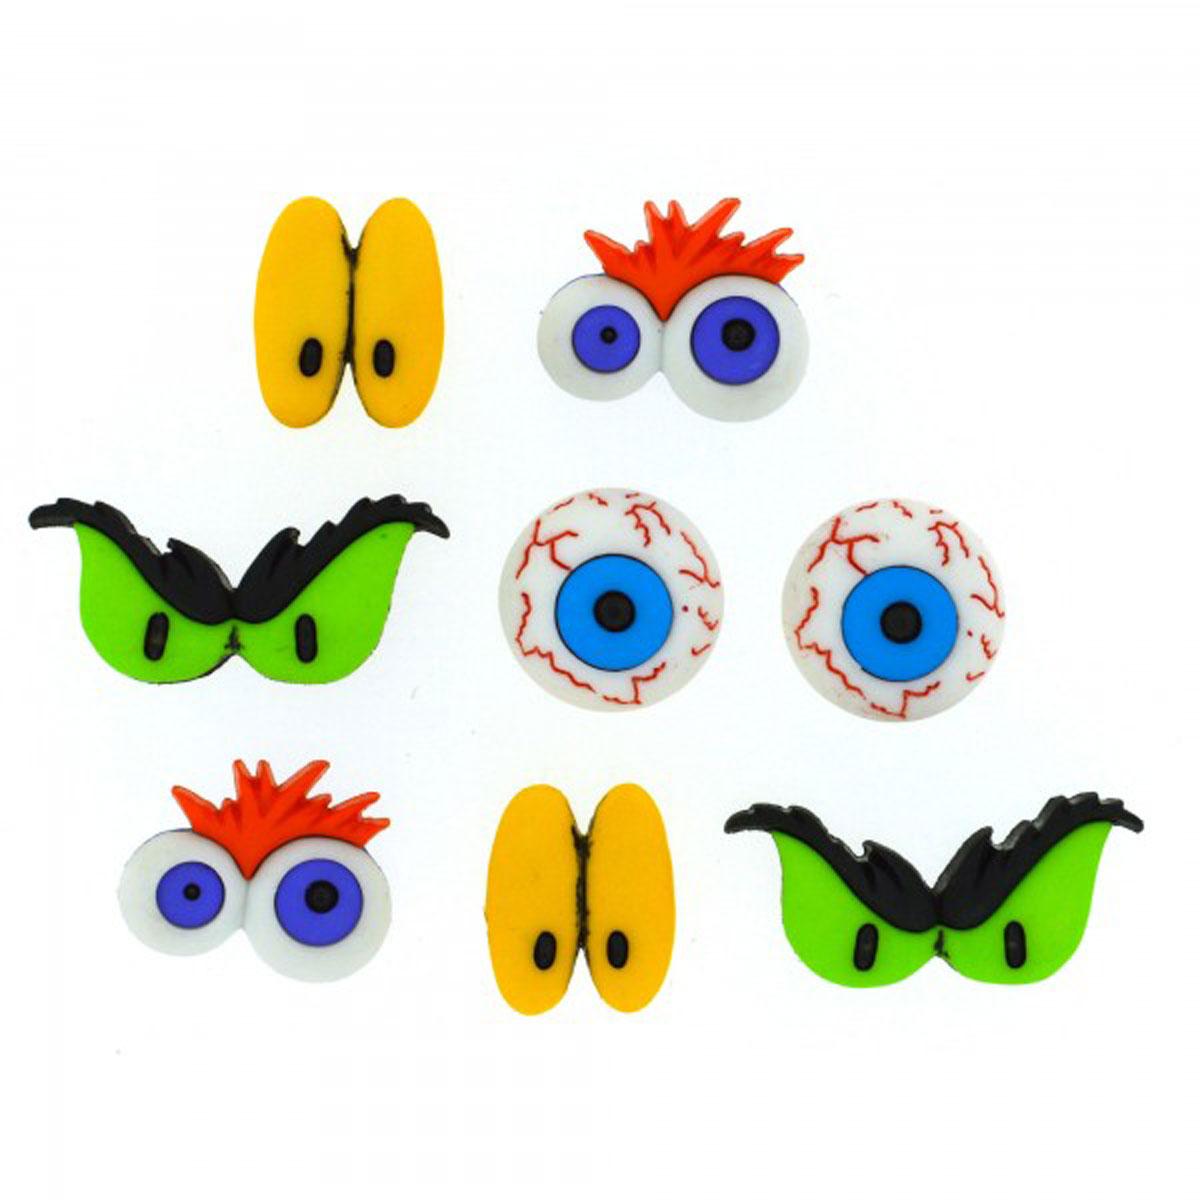 Пуговицы декоративные Dress It Up Глаза монстров, 8 шт7712037Пуговицы декоративные Dress It Up Глаза монстров состоит из 8 декоративных пуговиц, выполненных из цветного пластика в виде глаз. Такие пуговицы подходят для любых видов творчества: скрапбукинга, декорирования, шитья, изготовления кукол, а также для оформления одежды. С их помощью вы сможете украсить открытку, фотографию, альбом, подарок и другие предметы ручной работы. Пуговицы разных цветов имеют оригинальный и яркий дизайн. Средний размер пуговиц: 1,5 см х 1,2 см х 0,2 см.